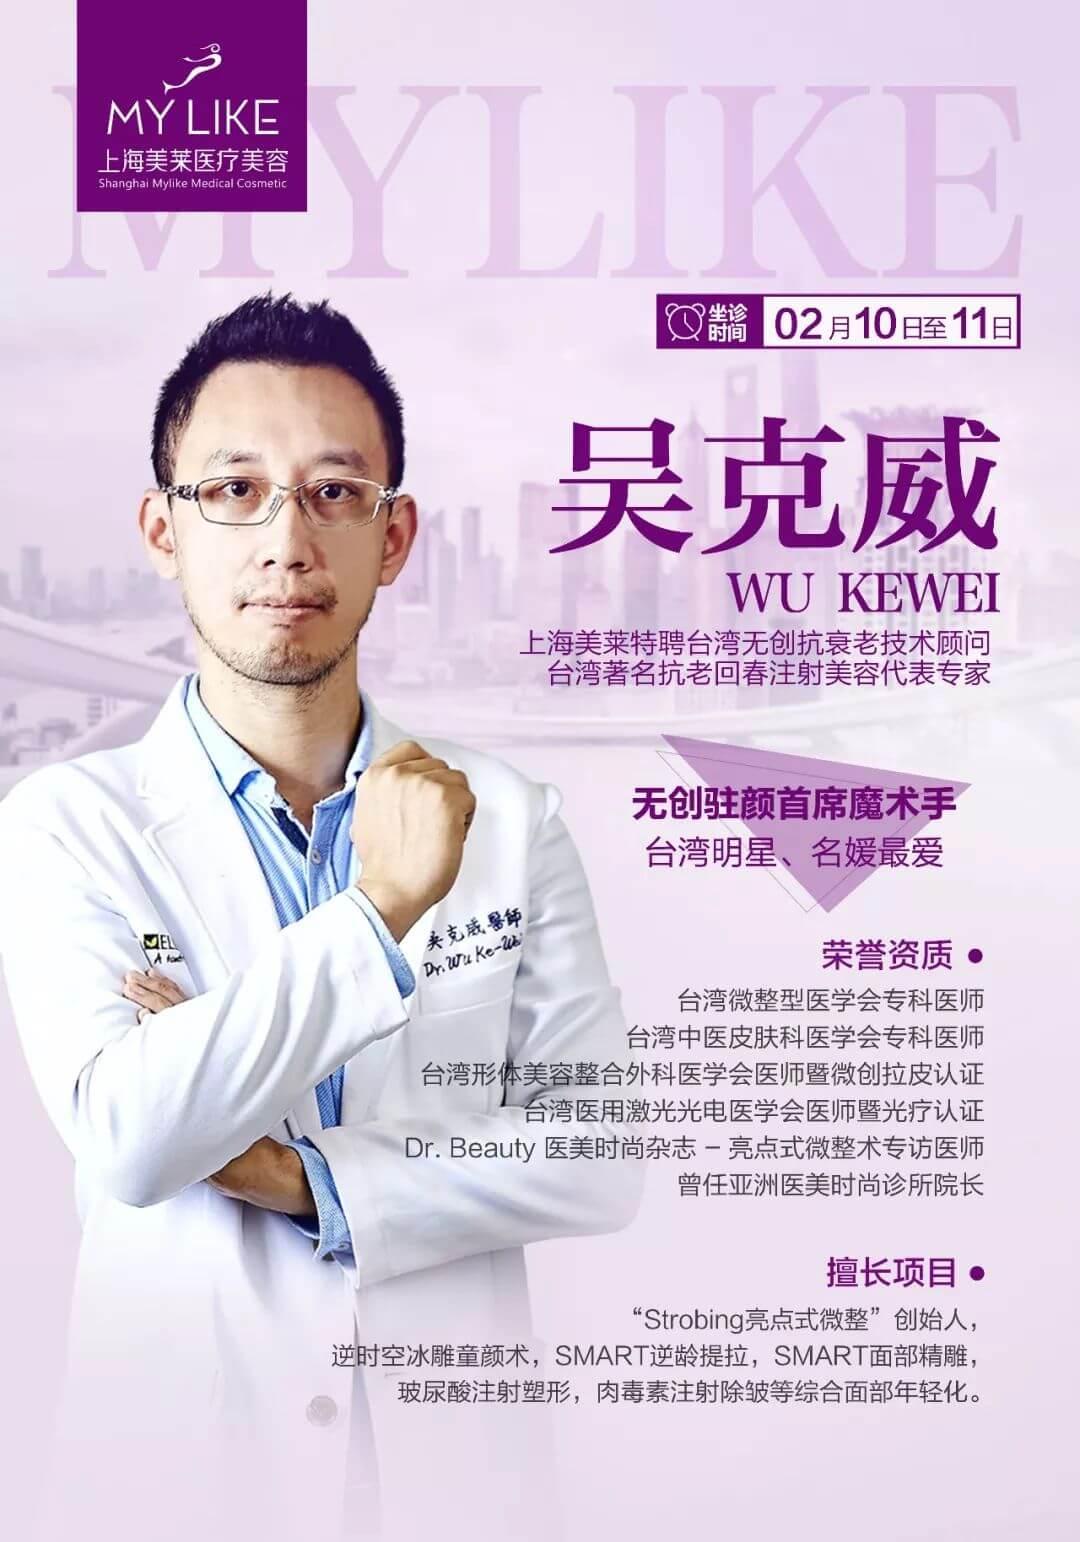 台湾著名抗衰专家吴克威坐诊上海美莱